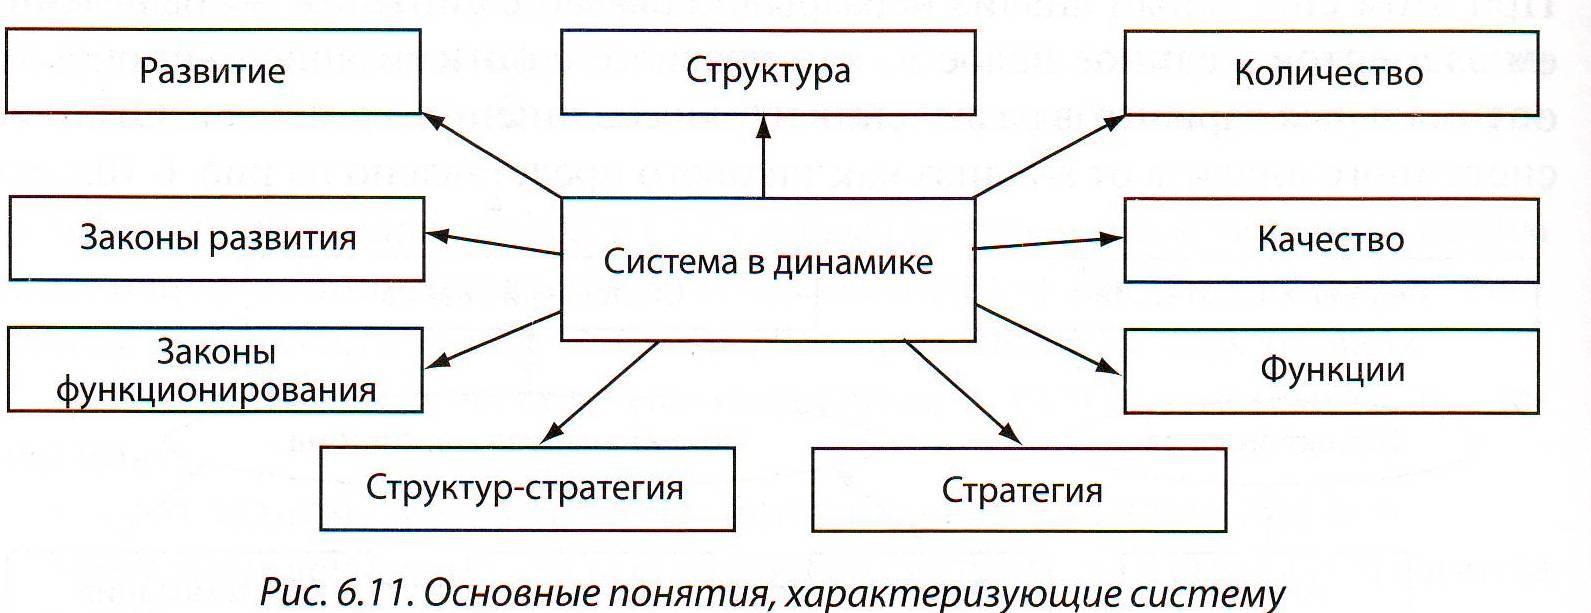 Системный подход в управлении персонала заключение